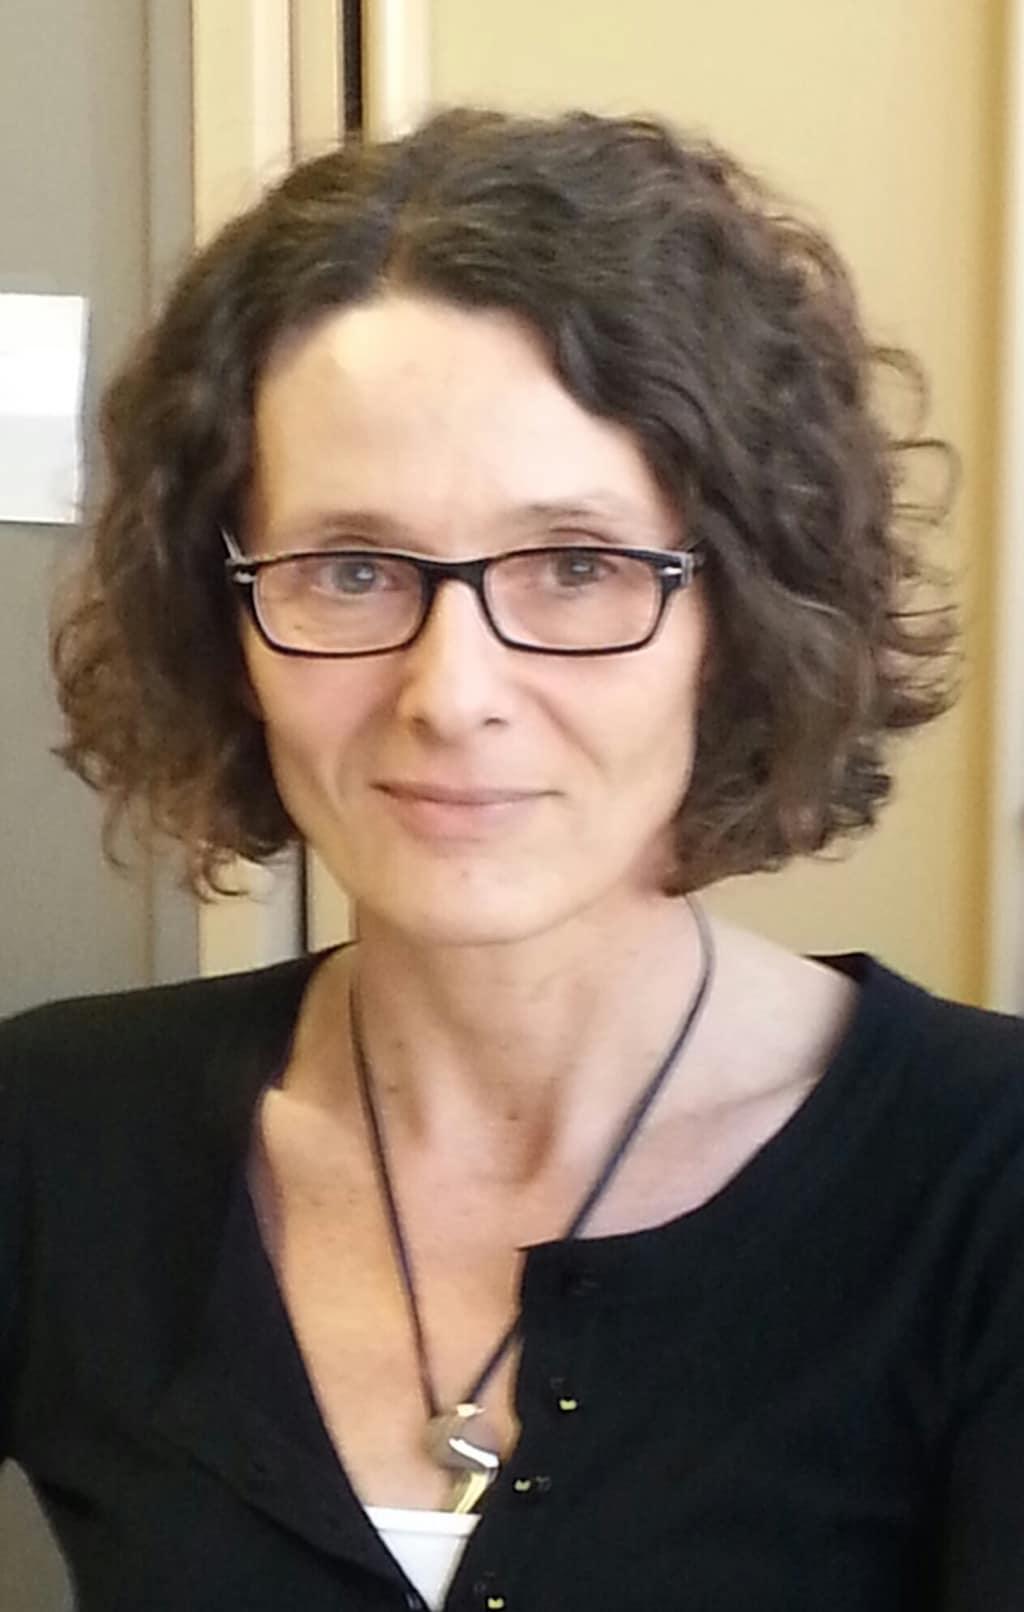 Chiara from Montalcino